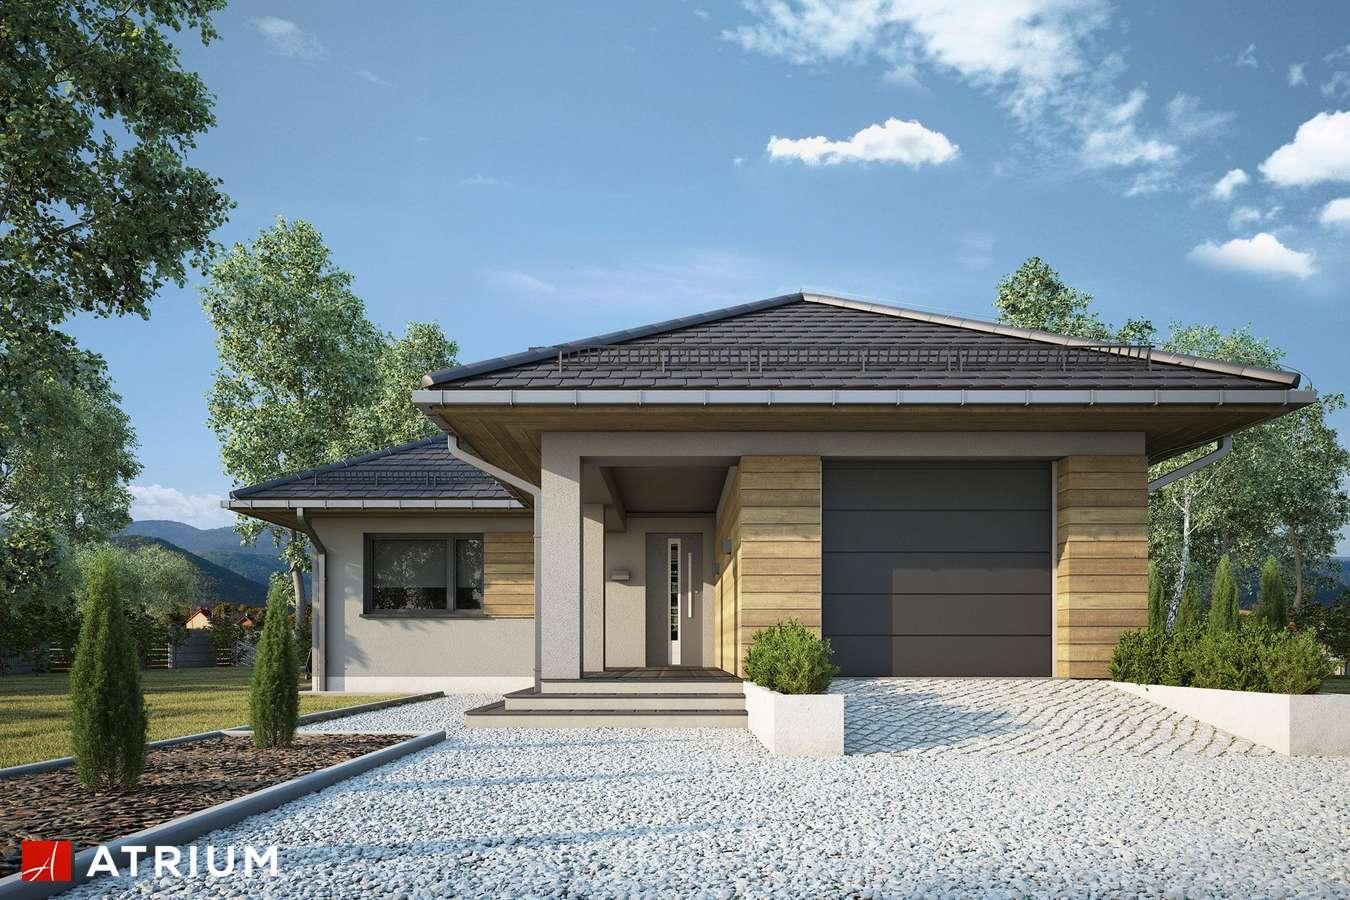 Projekty domów - Projekt domu parterowego TIP TOP IV - wizualizacja 1 - wersja lustrzana